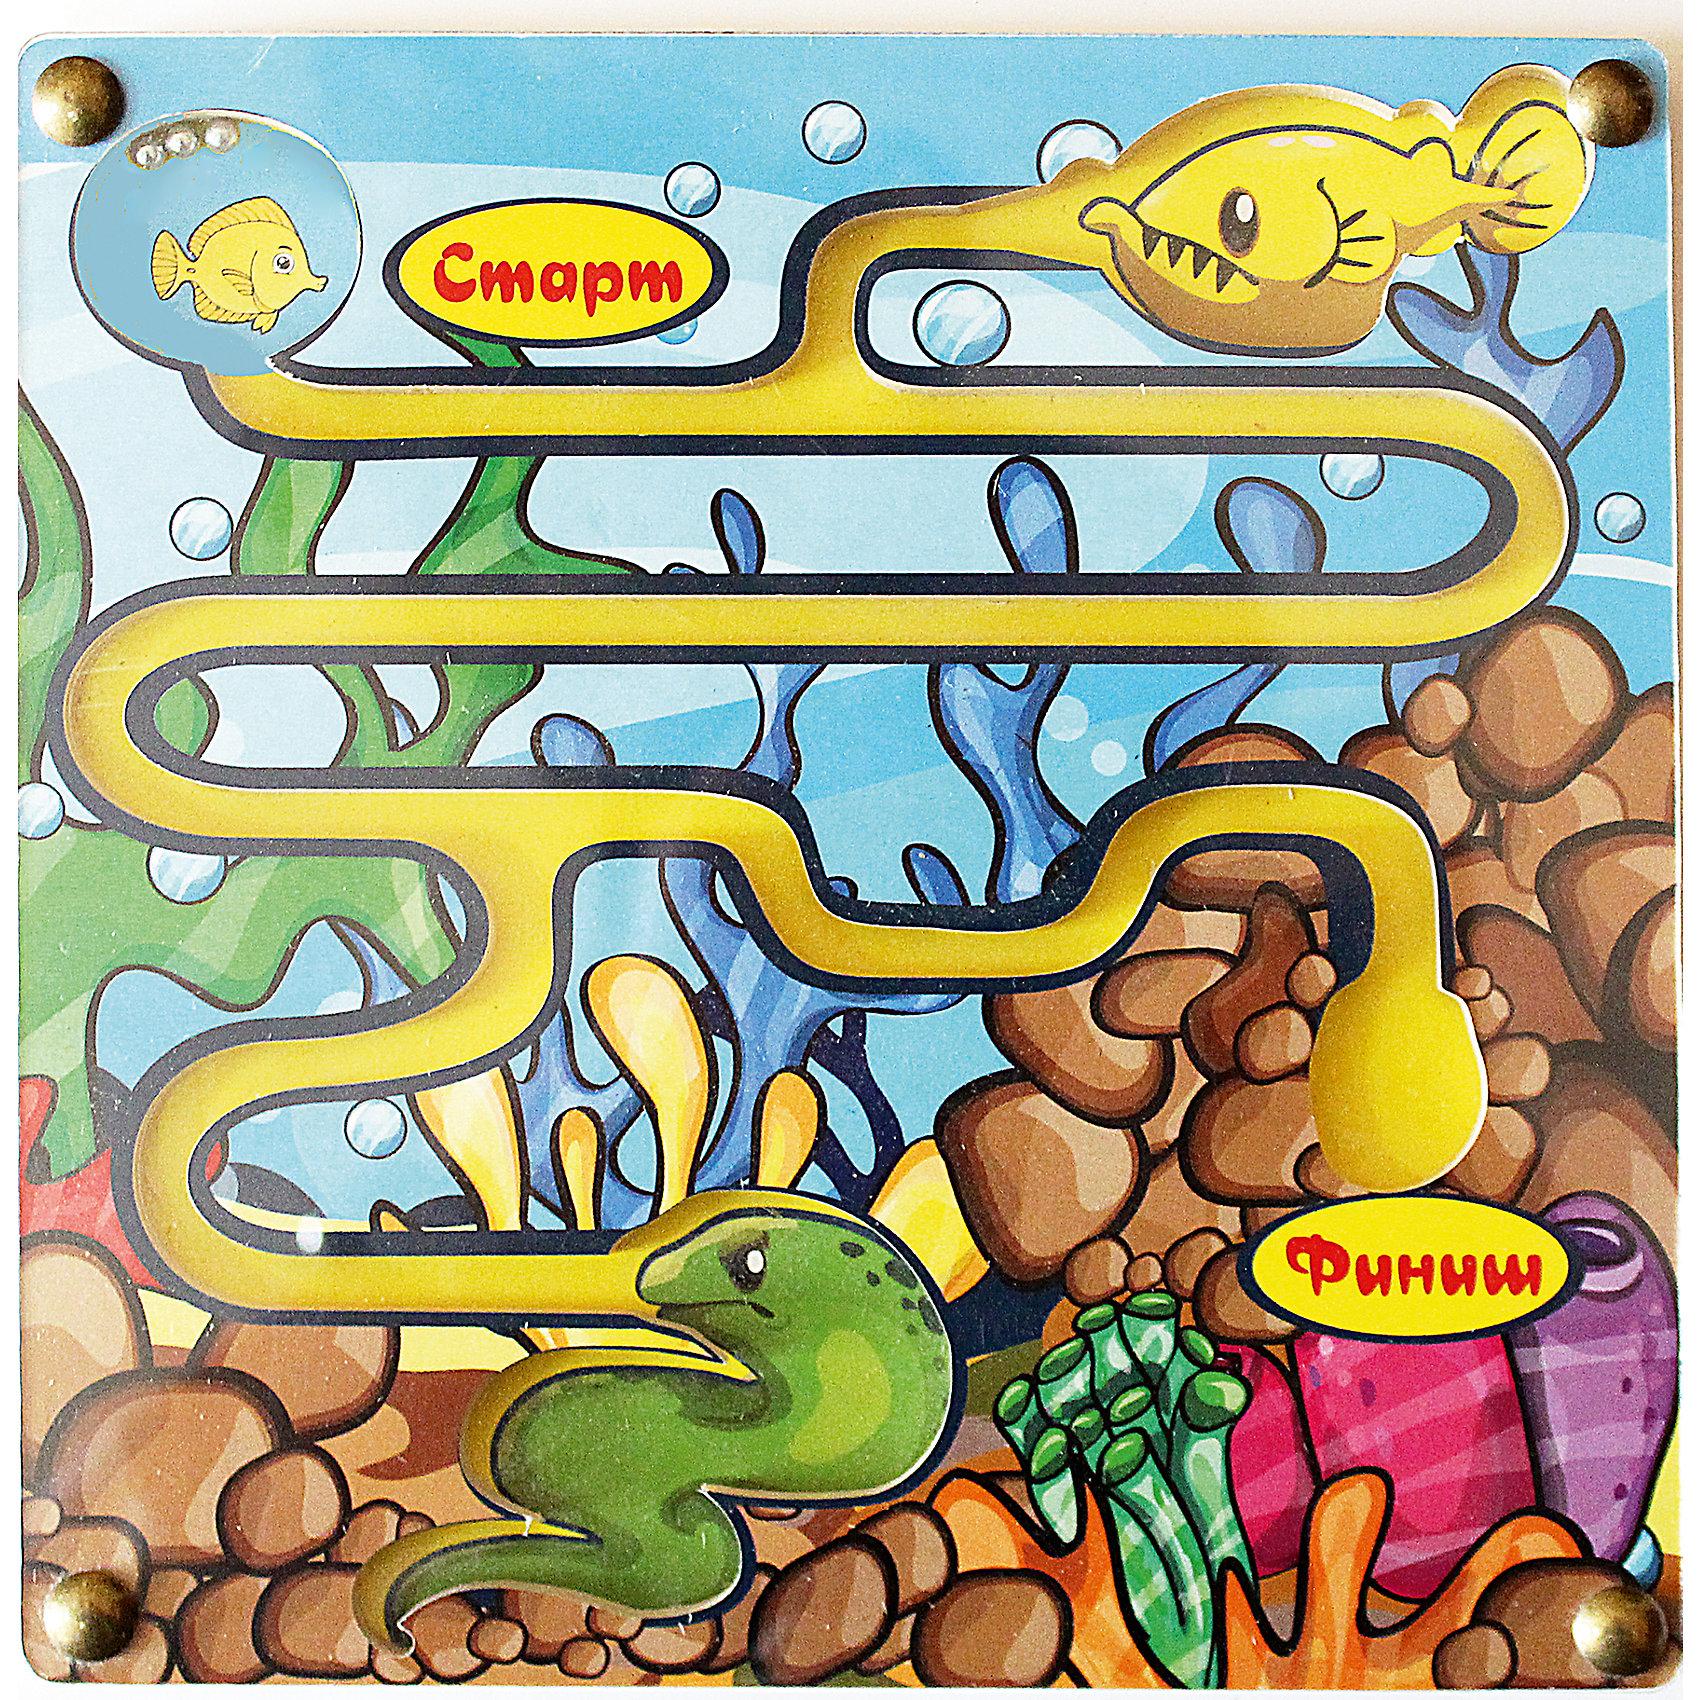 Лабиринт с шариком Рыбка хочет домойДеревянные игры и пазлы<br>Малыши стремятся узнавать что-то новое и учиться контактировать с окружающим пространством. Сделать процесс познавания мира для малышей - просто! Яркая игра-лабиринт Рыбка хочет домой поможет ребенку весело провести время, пытаясь закатить шарик на финиш, не попав в пасть к хищникам.<br>Эта игра обязательно займет ребенка! Она с ней помогает детям развивать мелкую моторику, внимательность и познавать мир. Игрушка сделана из качественных и безопасных для ребенка материалов - натурального дерева.<br><br>Дополнительная информация:<br><br>цвет: разноцветный;<br>размер: 20 х 20 х 1 см;<br>вес: 180 г;<br>материал: дерево.<br><br>Лабиринт с шариком Рыбка хочет домой можно купить в нашем магазине.<br><br>Ширина мм: 200<br>Глубина мм: 10<br>Высота мм: 200<br>Вес г: 180<br>Возраст от месяцев: 36<br>Возраст до месяцев: 2147483647<br>Пол: Унисекс<br>Возраст: Детский<br>SKU: 4916400